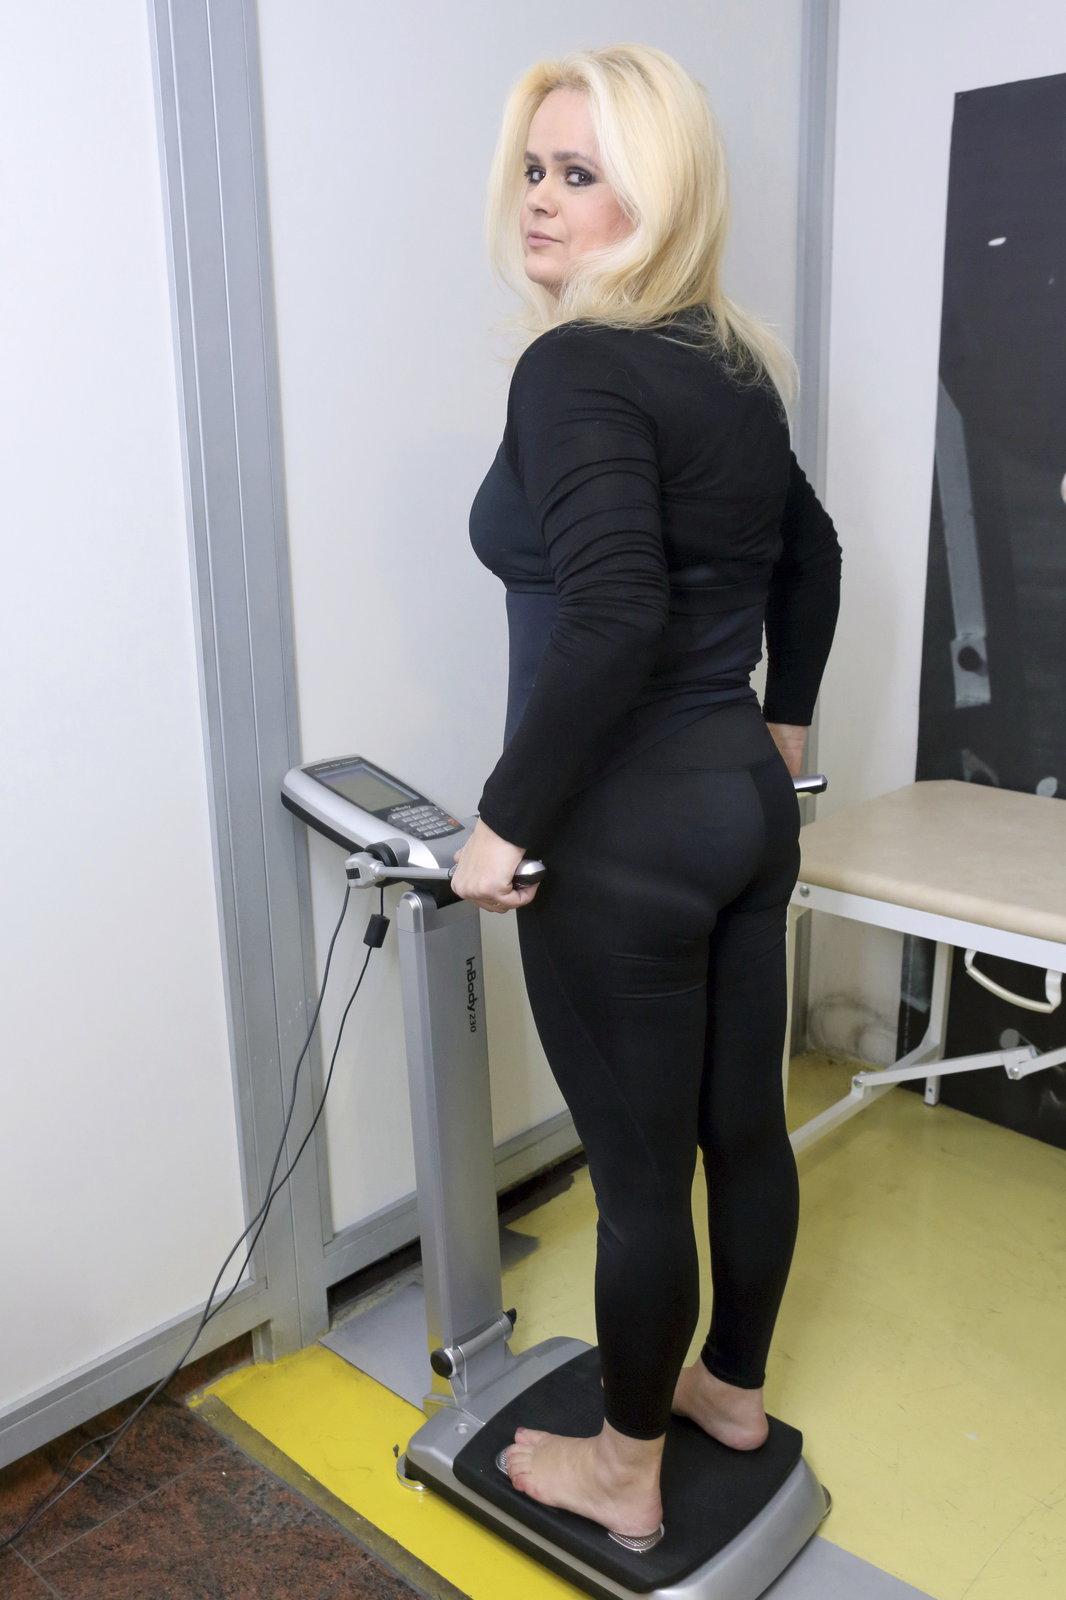 Součástí cvičebního programu je i vážení.